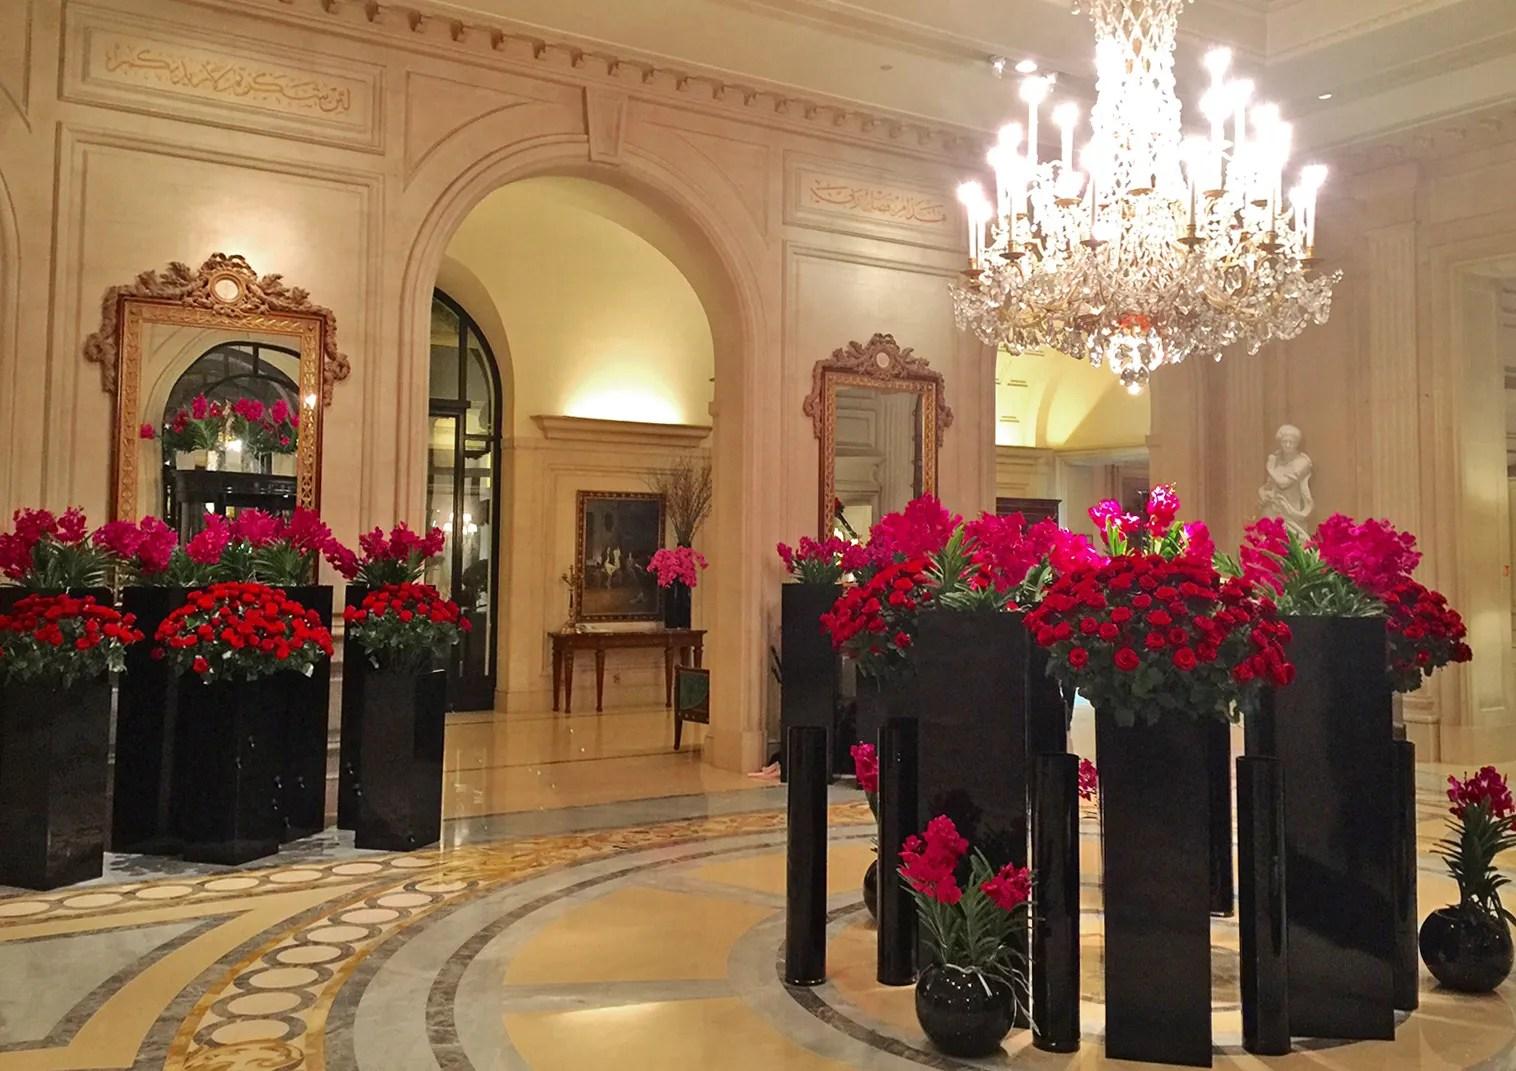 Home Decor Flower Arrangements